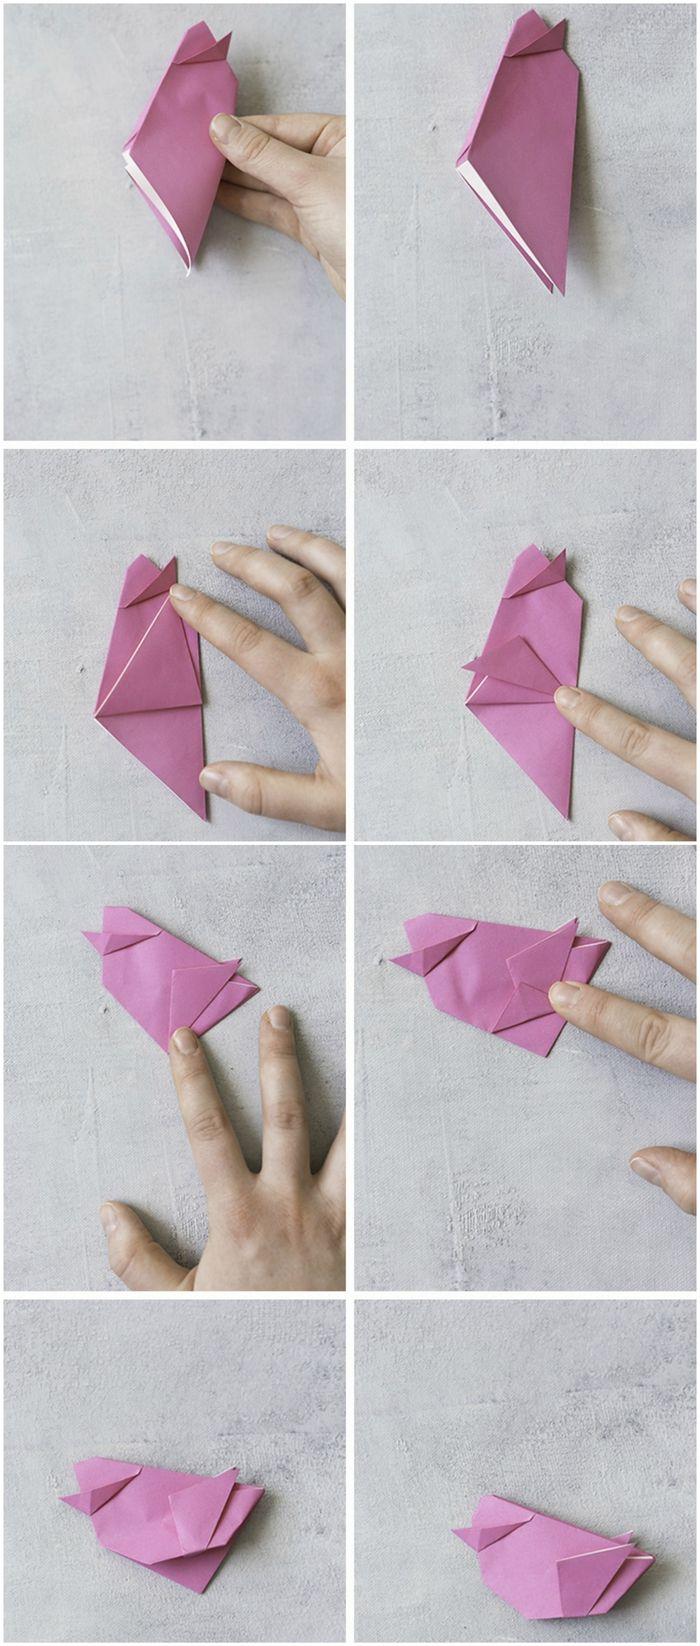 Origami Et Art Du Papier : origami, papier, Idées, Bricolages, Apprendre, L'art, Pliage, Papier, Origami, Facile, Facile,, Origami,, Amour